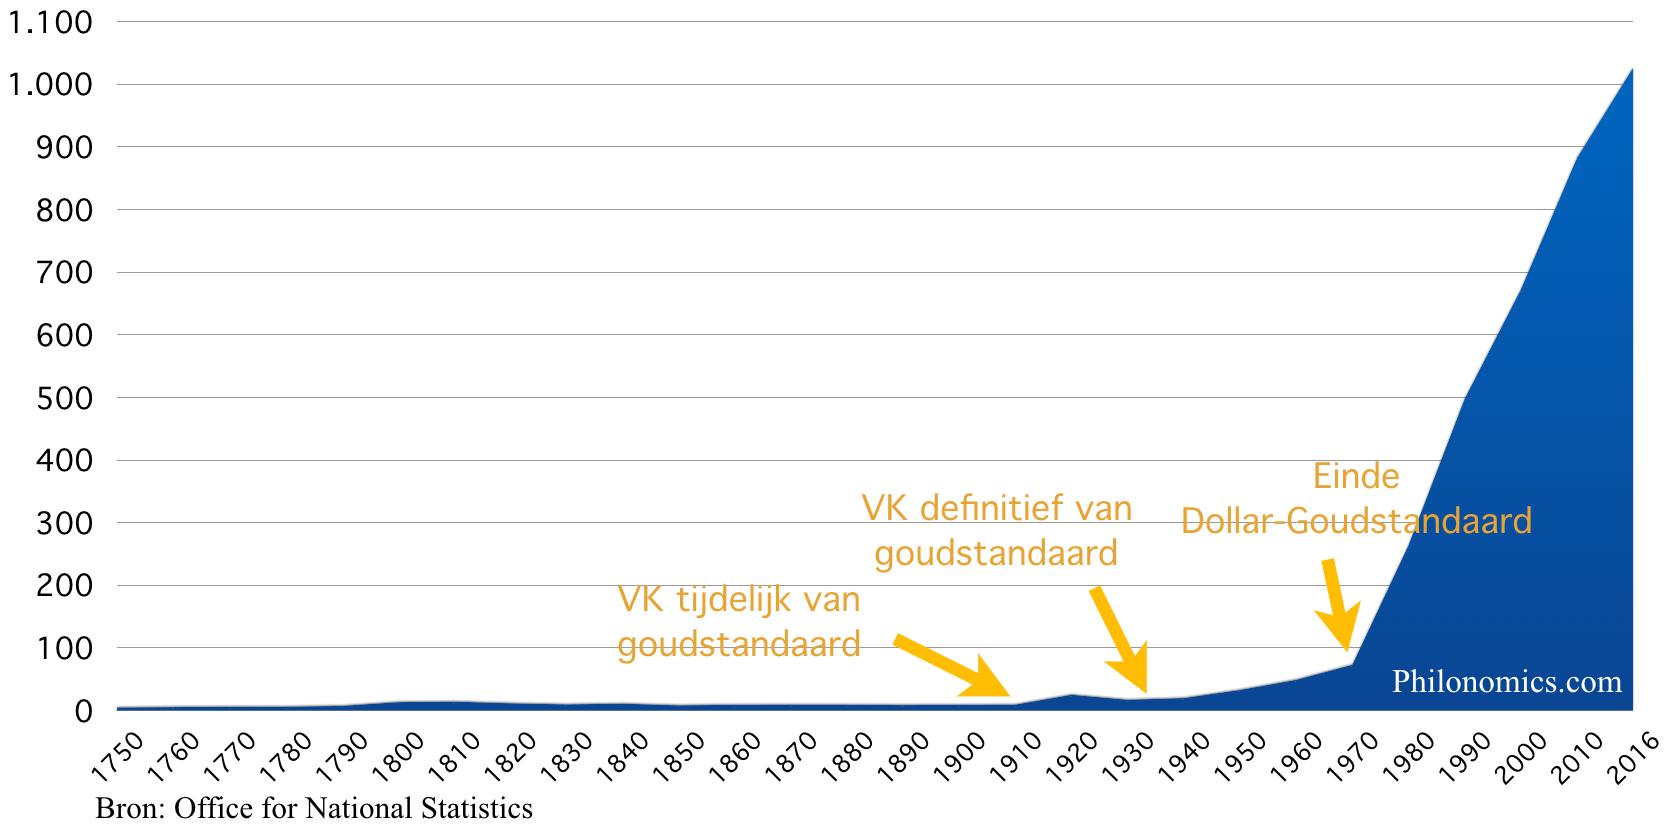 Consumentenprijsindex, Verenigd Koninkrijk 1750-2016